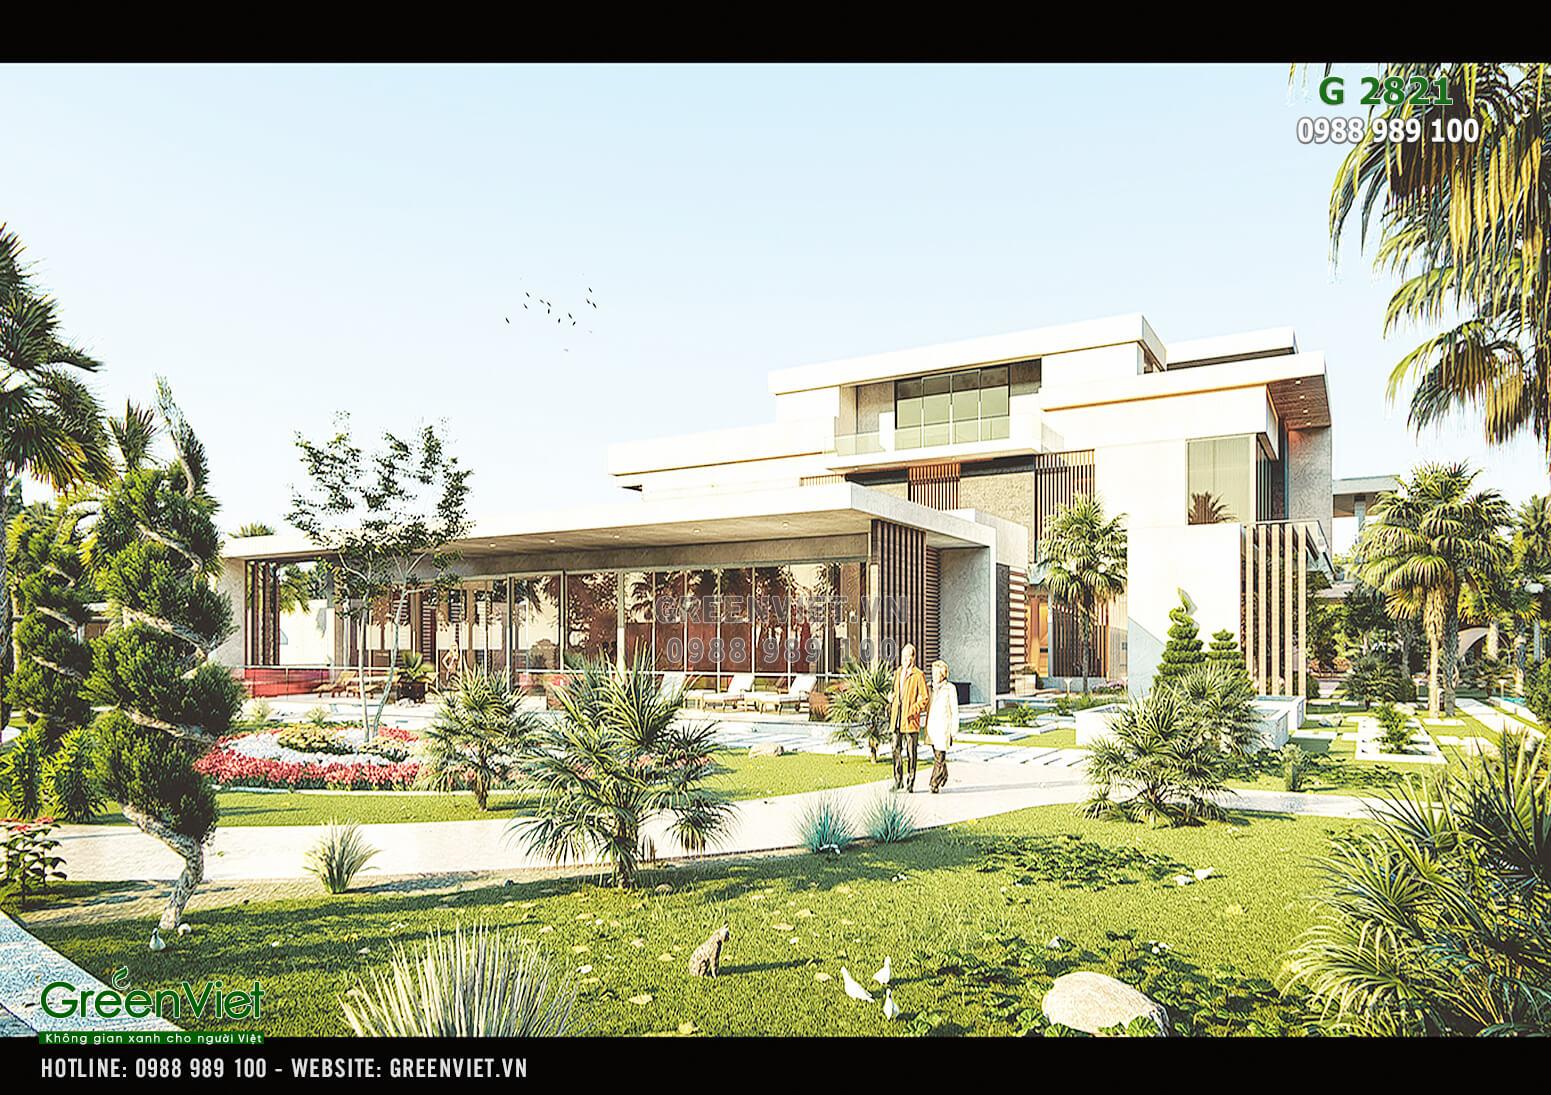 Hình ảnh: Không gian sân vườn của mẫu thiết kế Villa nghỉ dưỡng - G 2821